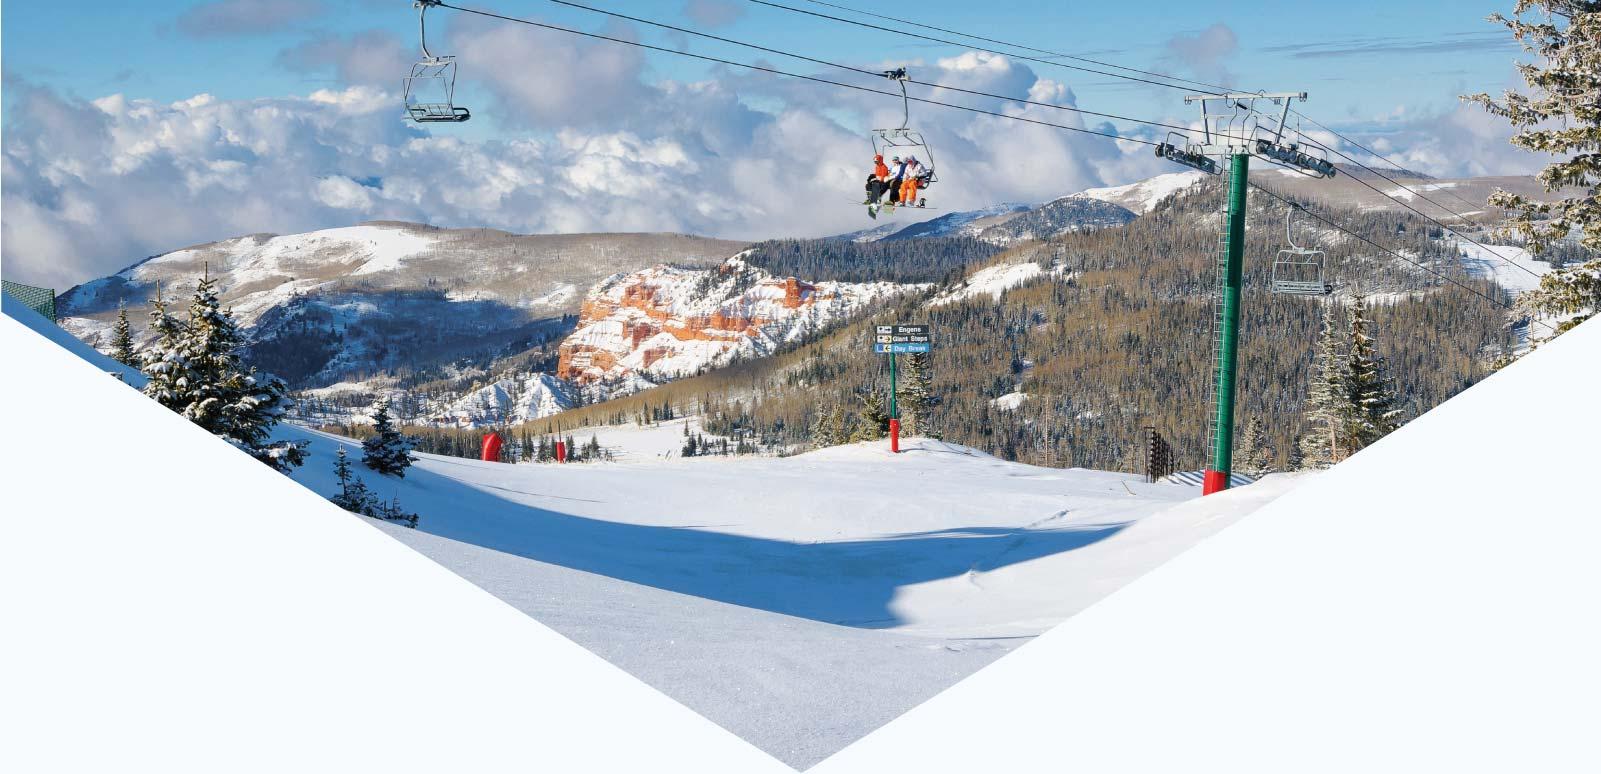 ski utah   utah ski resorts, lift tickets, ski passes, maps & more